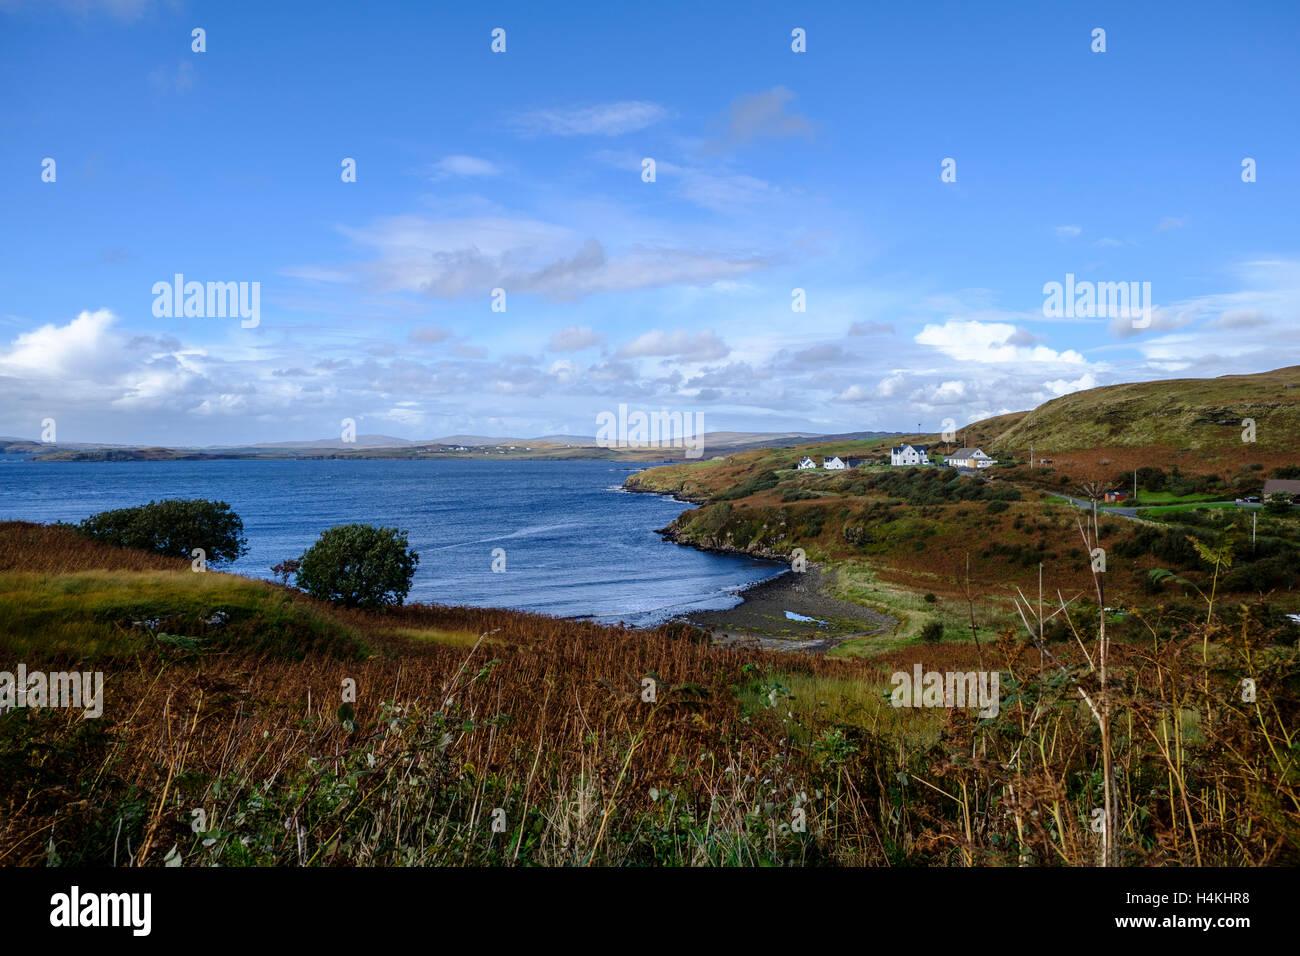 Schönen abgelegenen Küstenlandschaft von Fiskavaig Bay auf Isle Of Skye Schottland Stockfoto